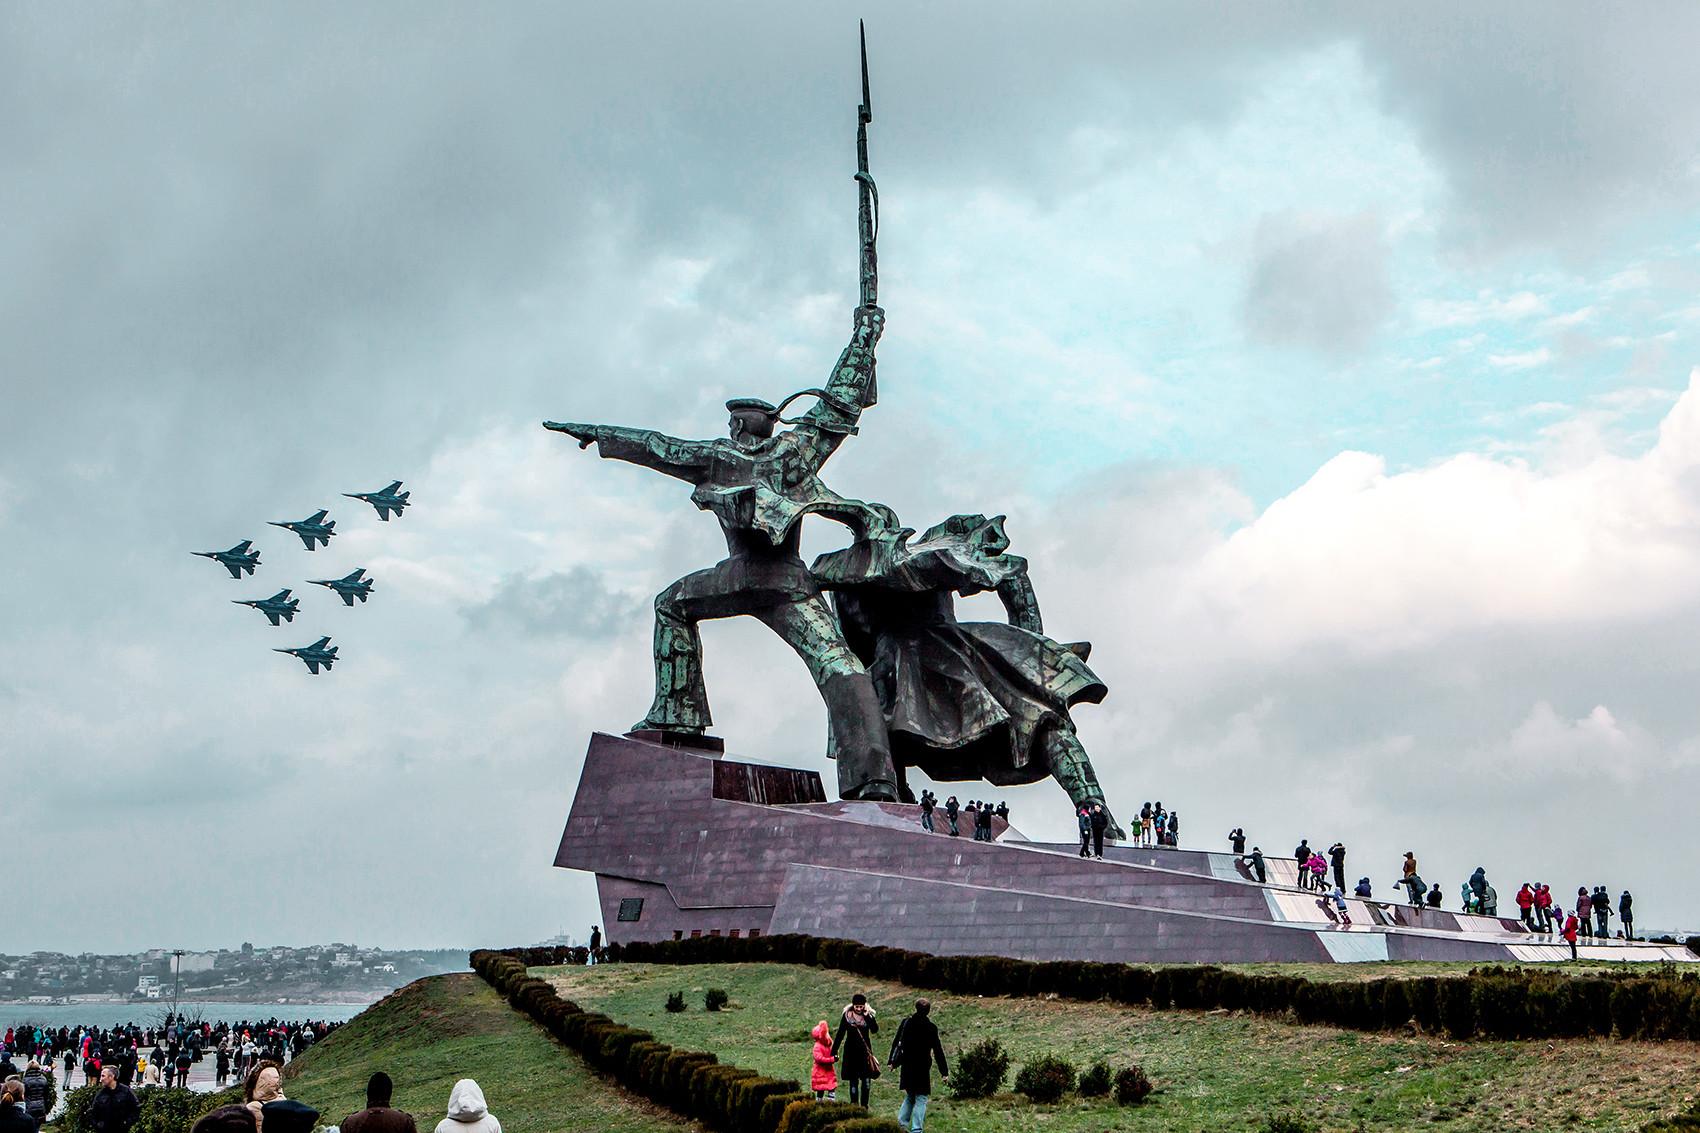 Monumento aos Soldados e Marinheiros, Sevastopol